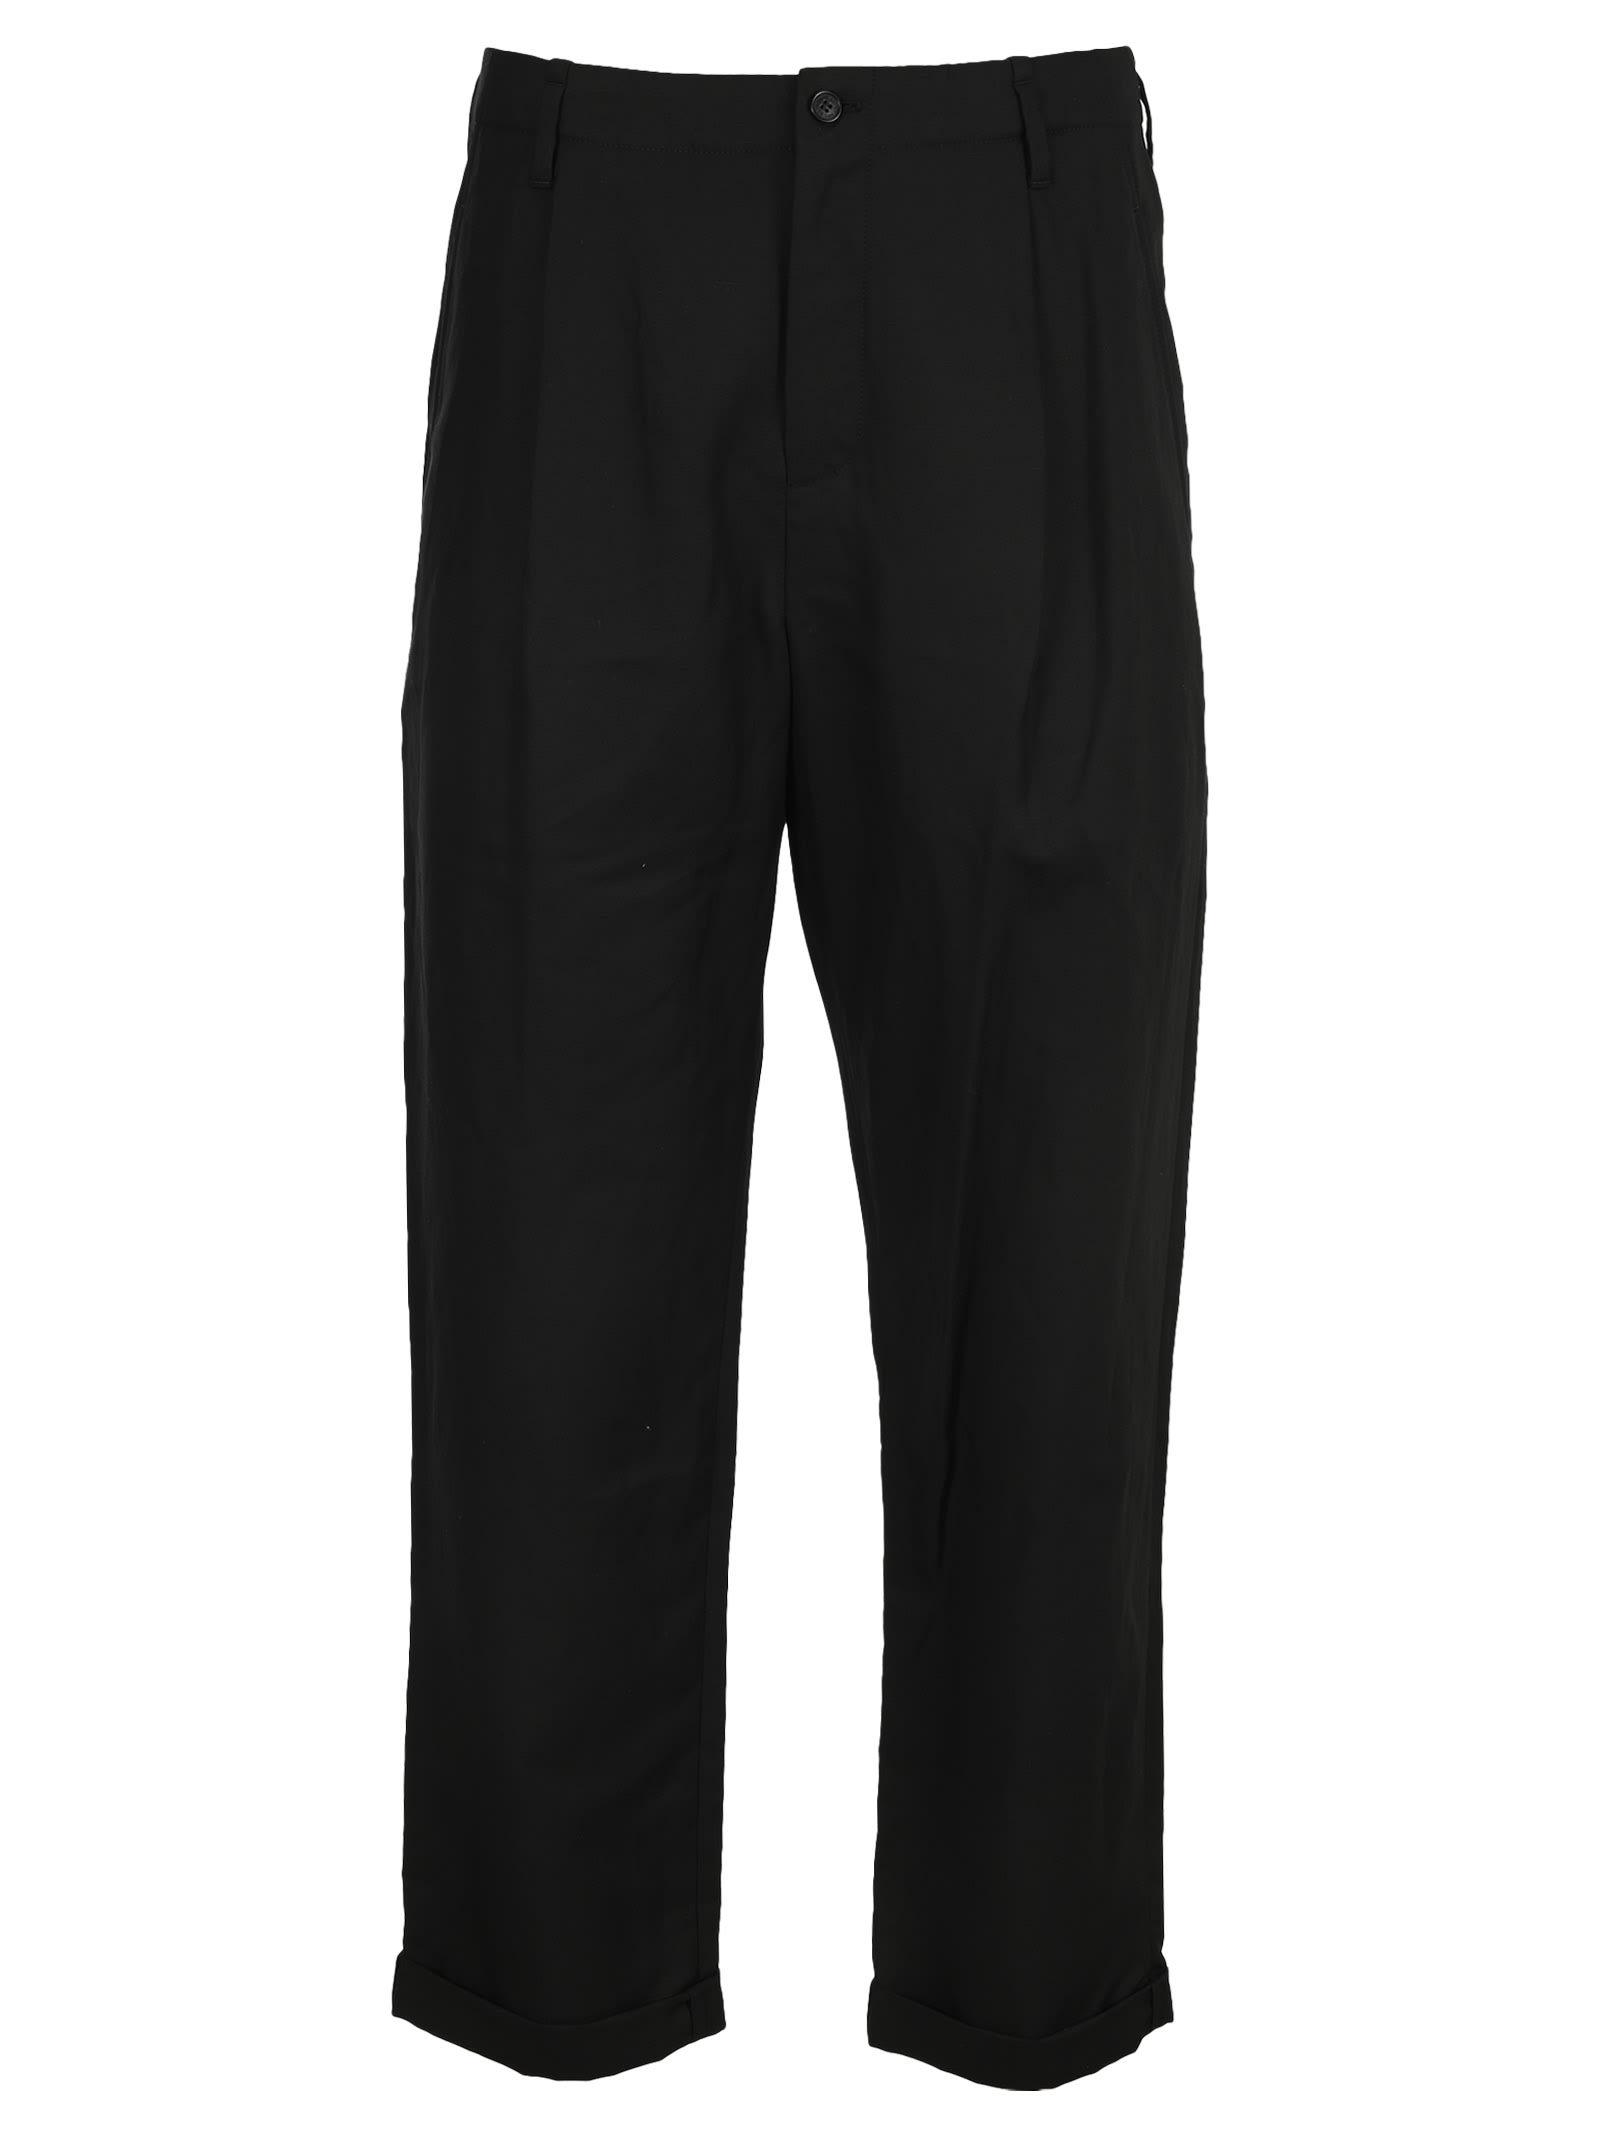 Neil Barrett Minimalist Pinstripe Trousers